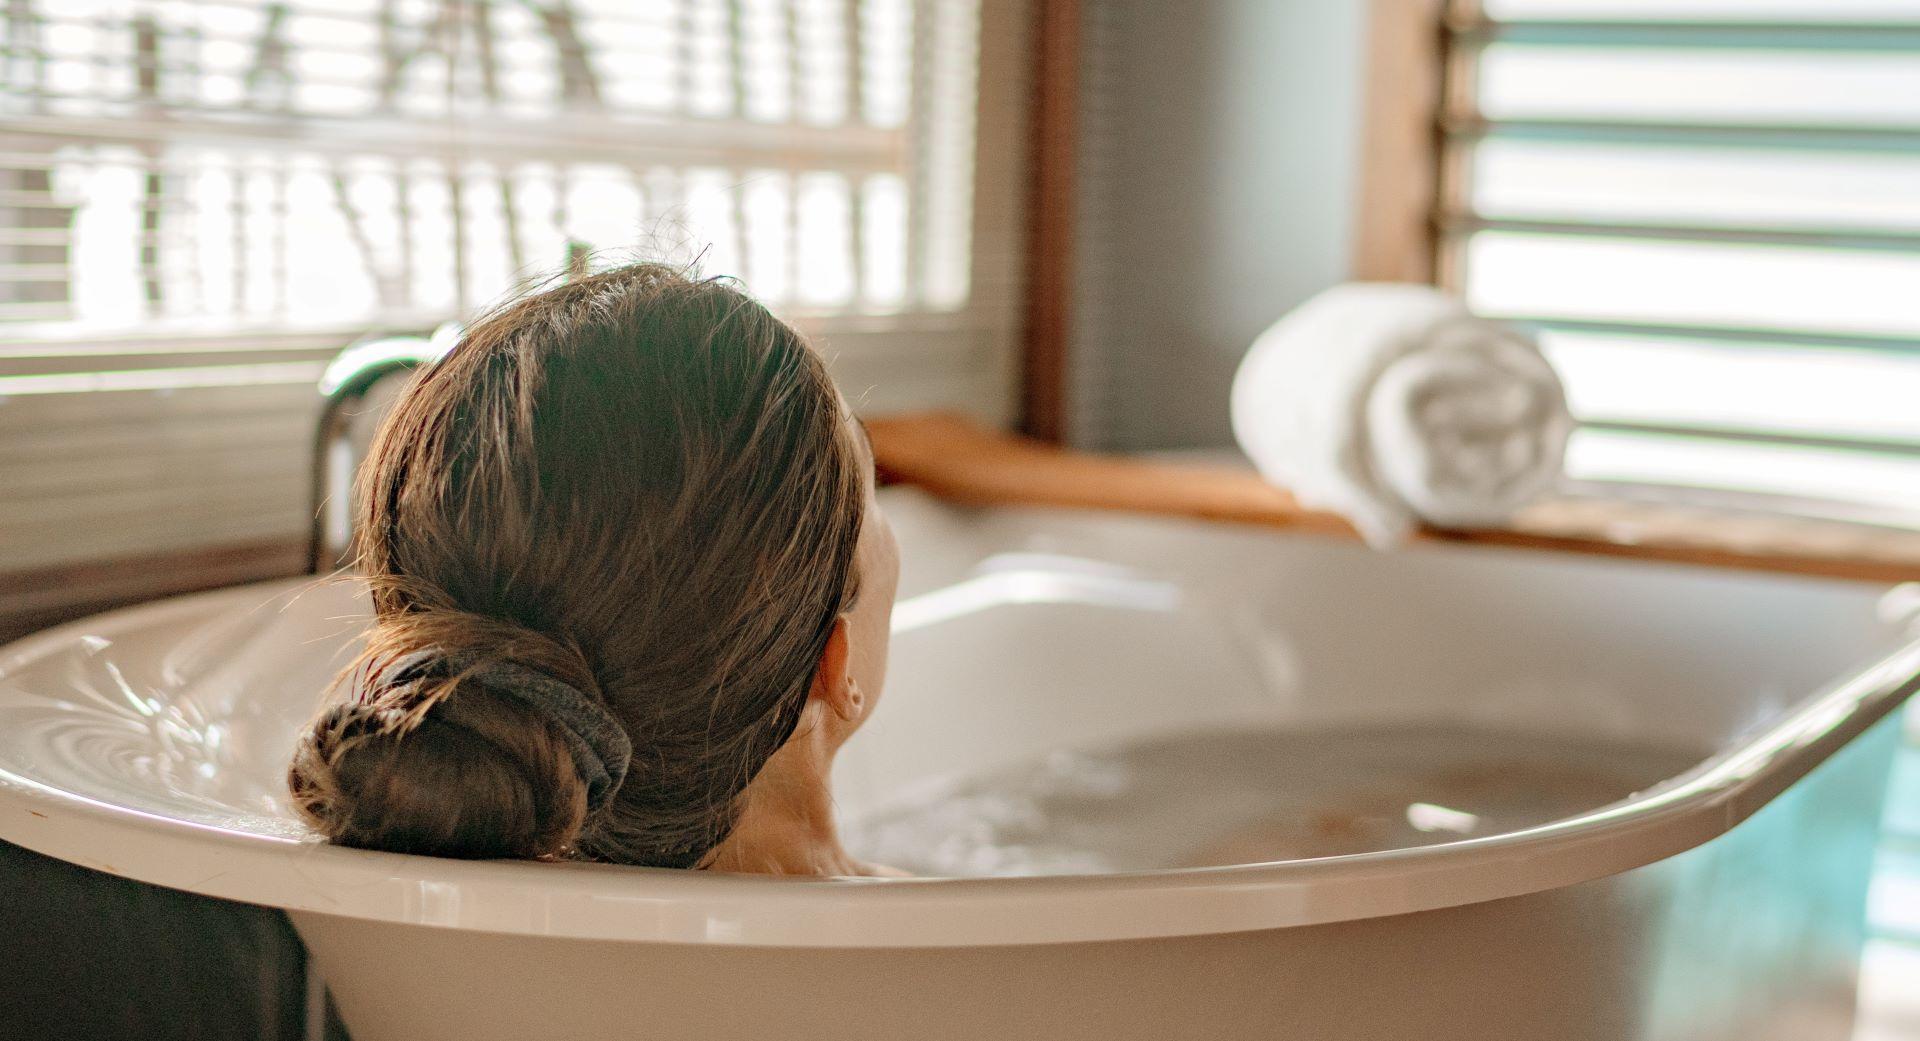 Jak podgrzewać ciepłą wodę - podgrzewacz przepływowy czy pojemnościowy?